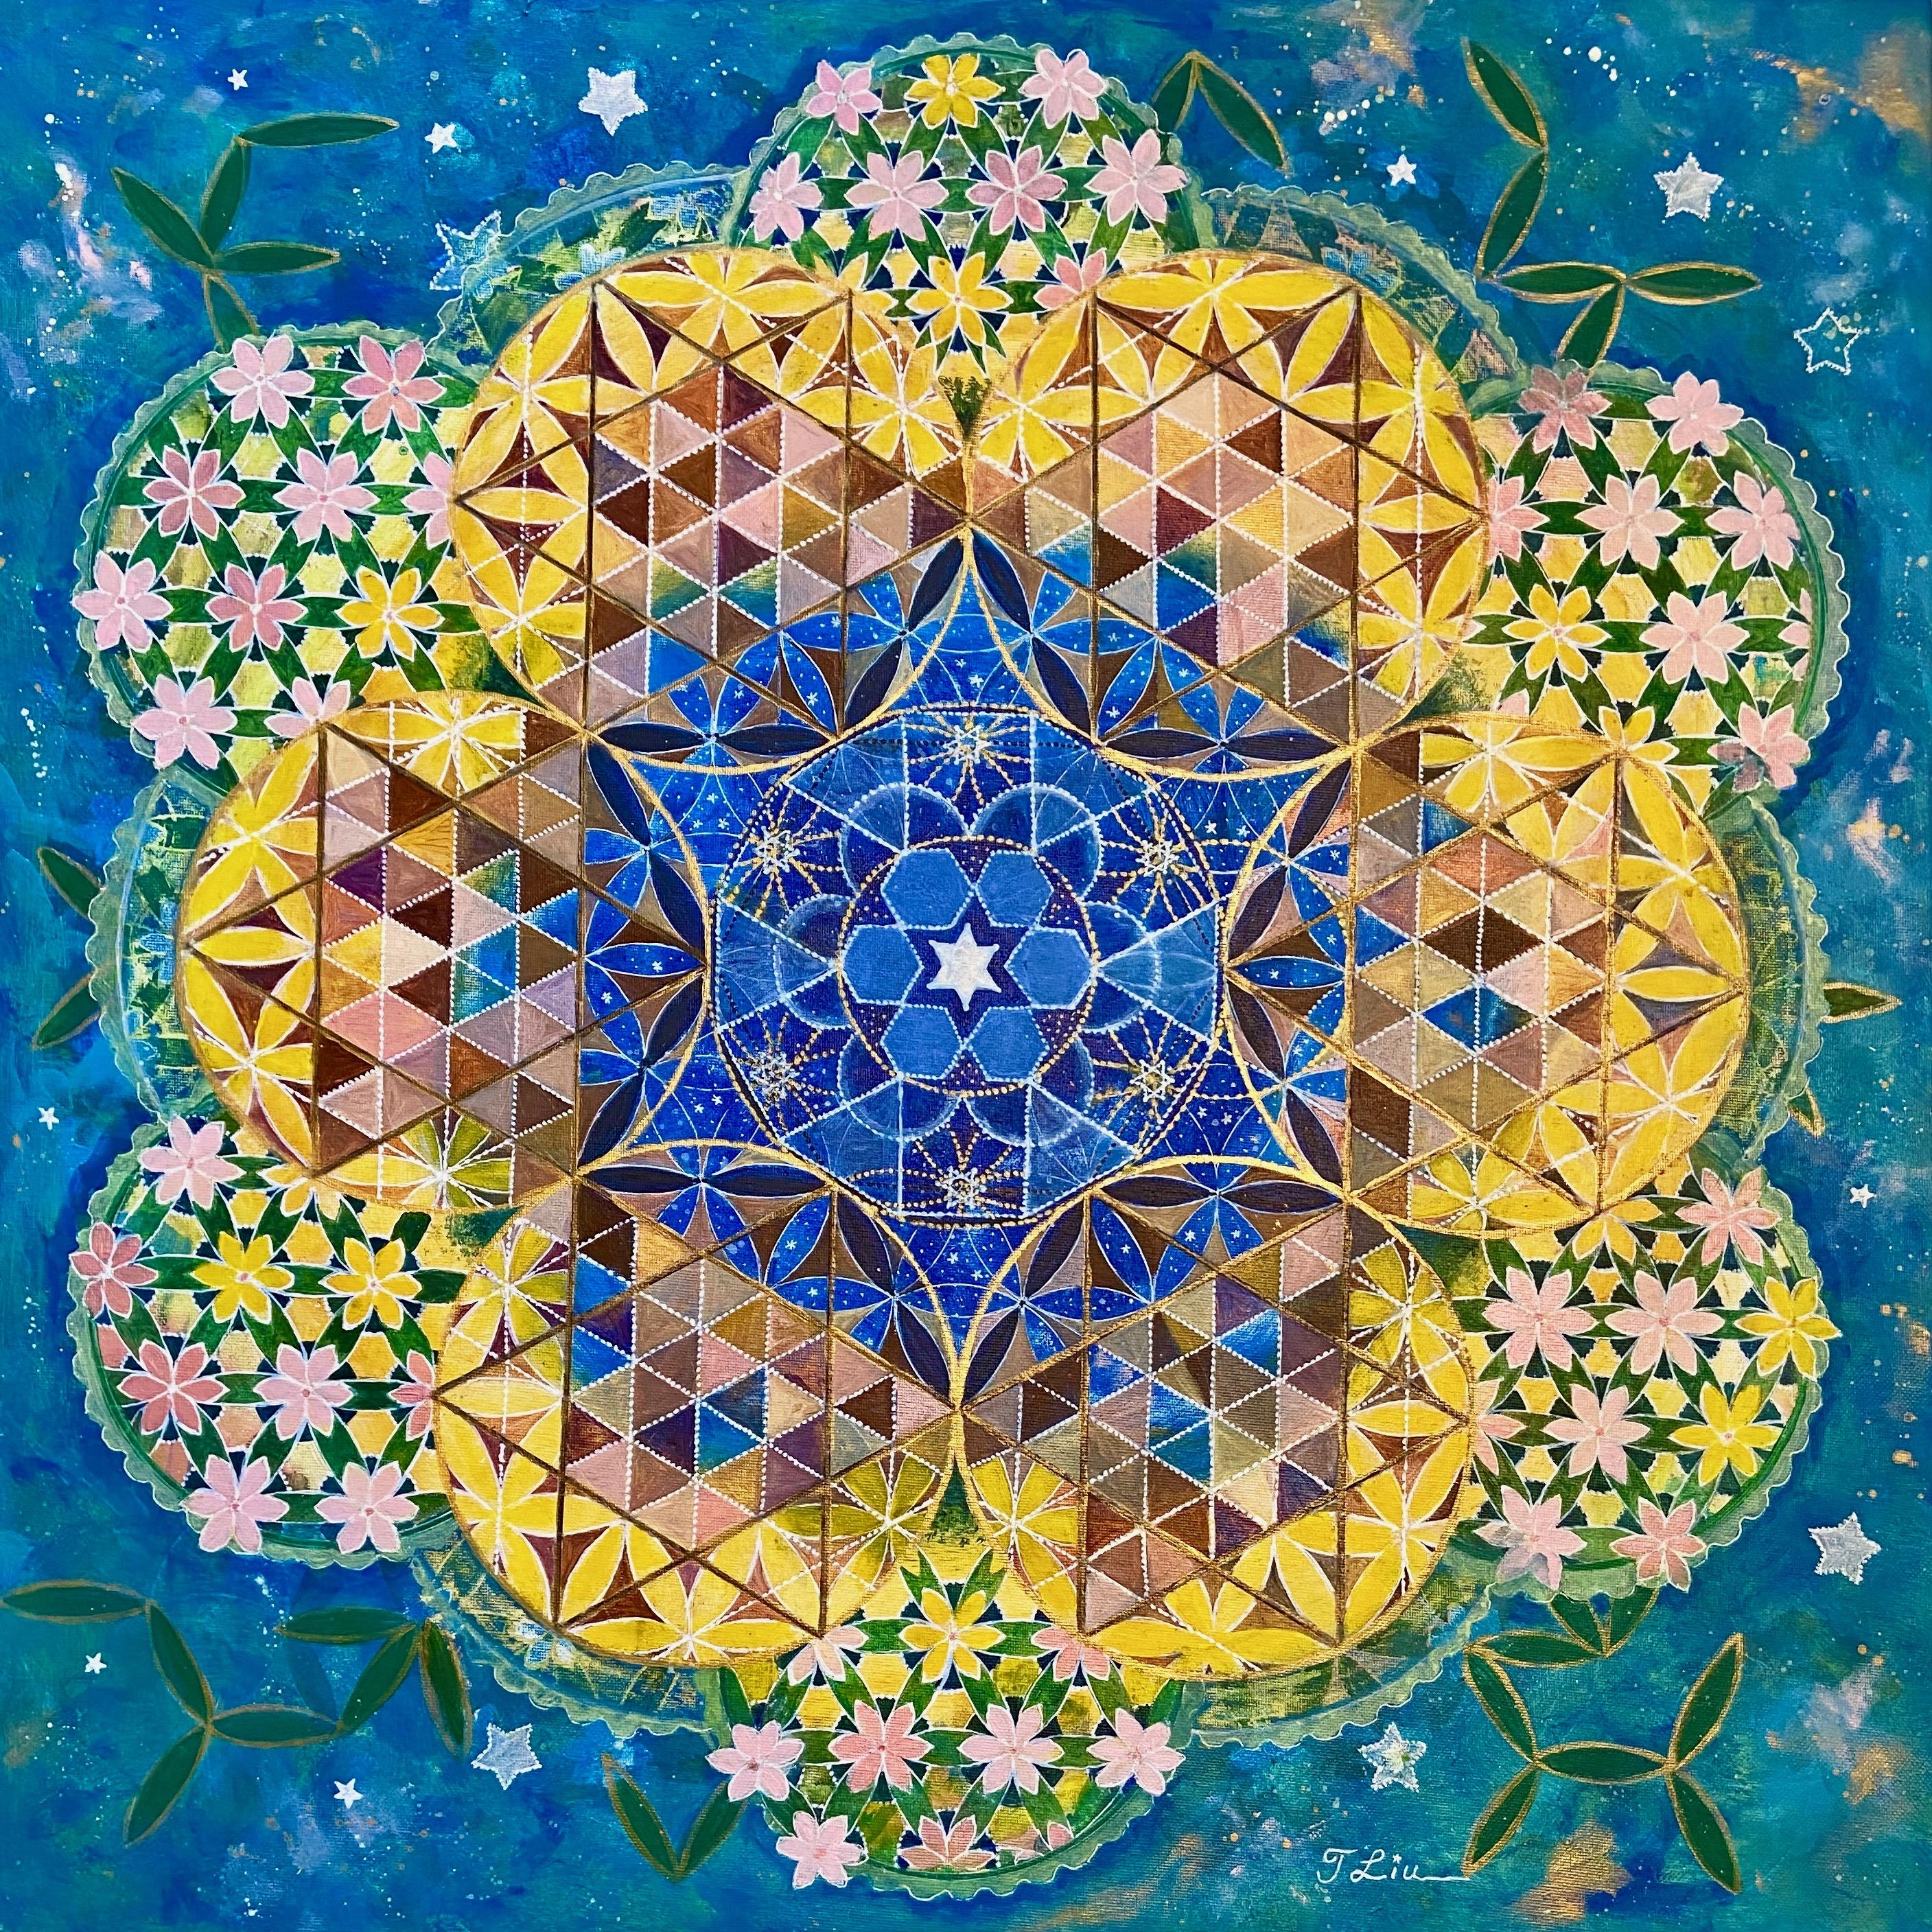 Mandala by Tina Liu